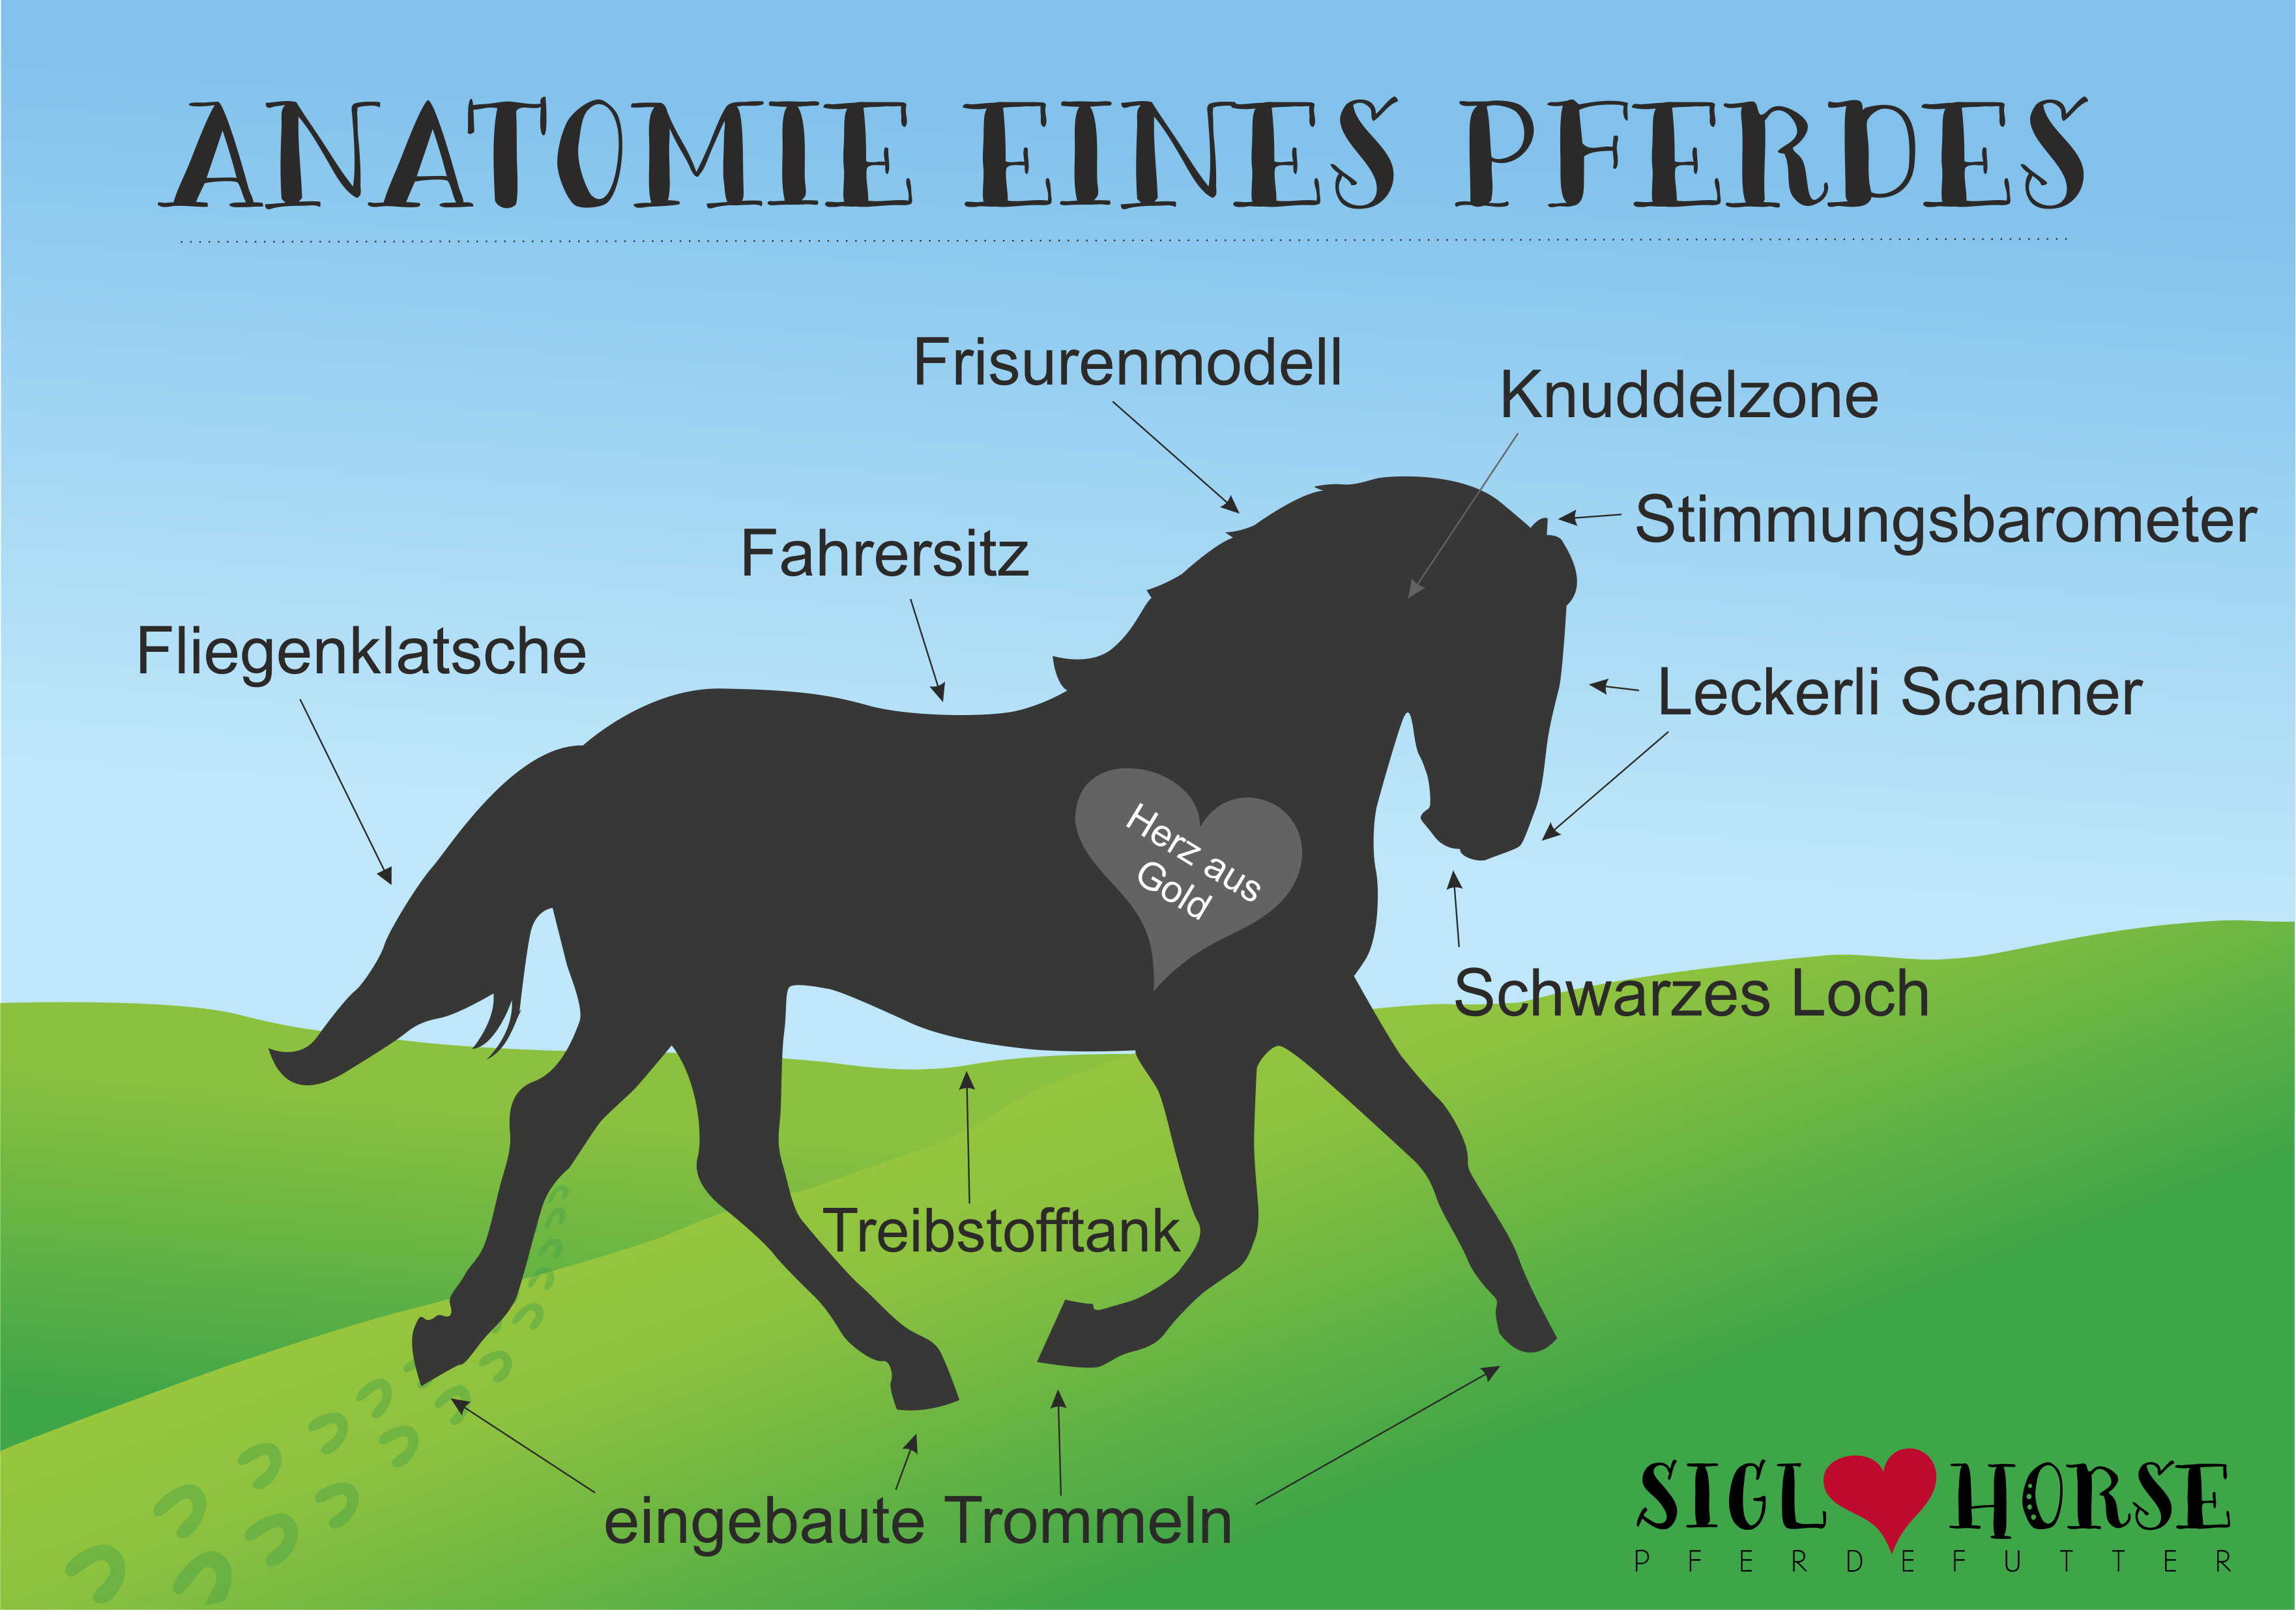 Anatomie eines Pferdes #Pferd #Pferdehumor | Lustig | Pinterest ...